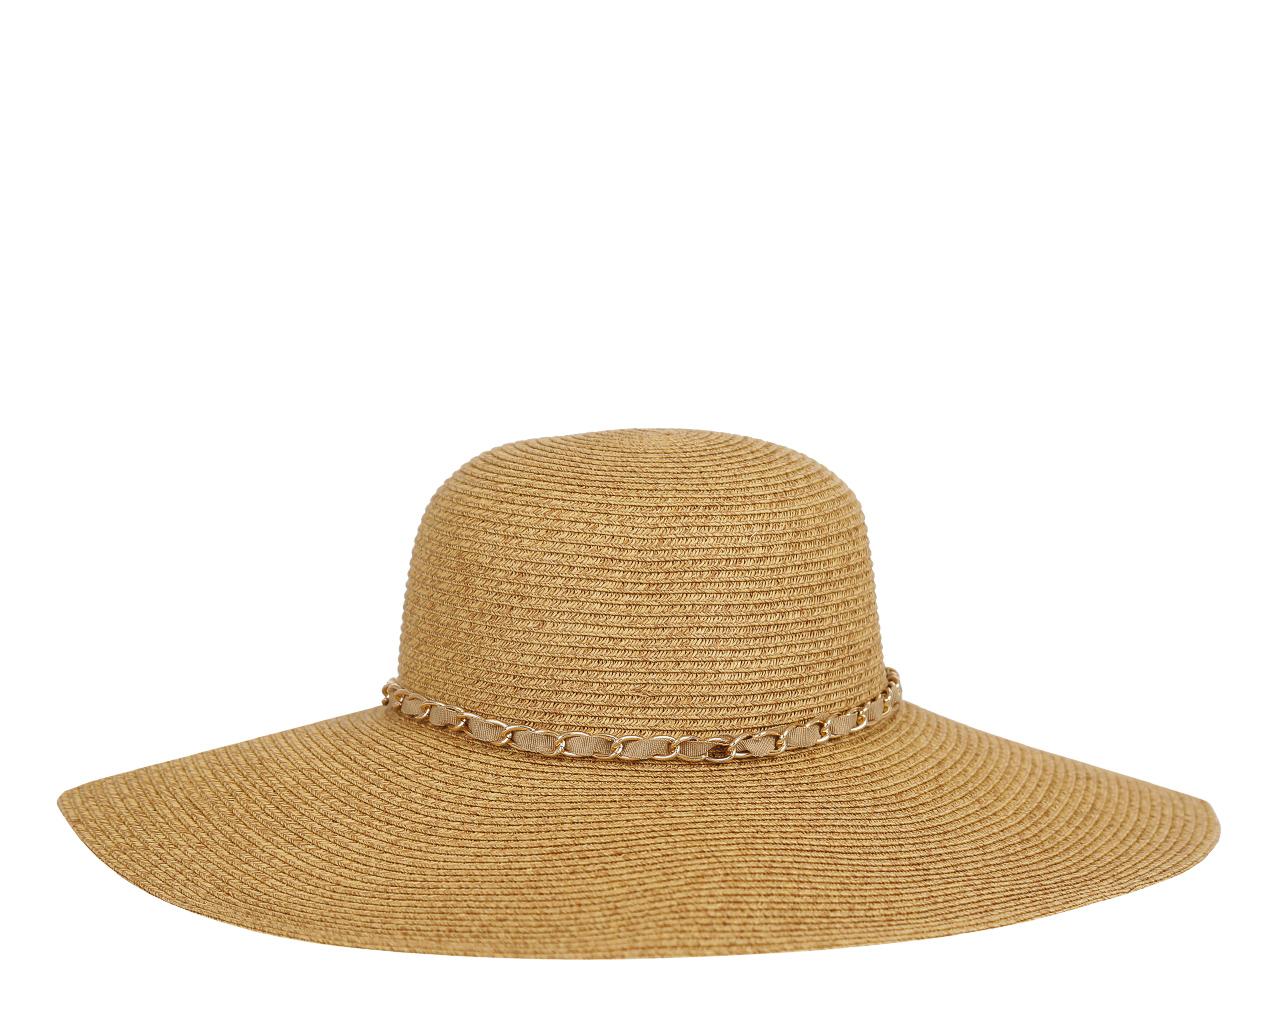 ШляпаG3-1 BEIGEСтильная шляпа от Fabretti для пляжного отдыха и прогулок в солнечные дни.